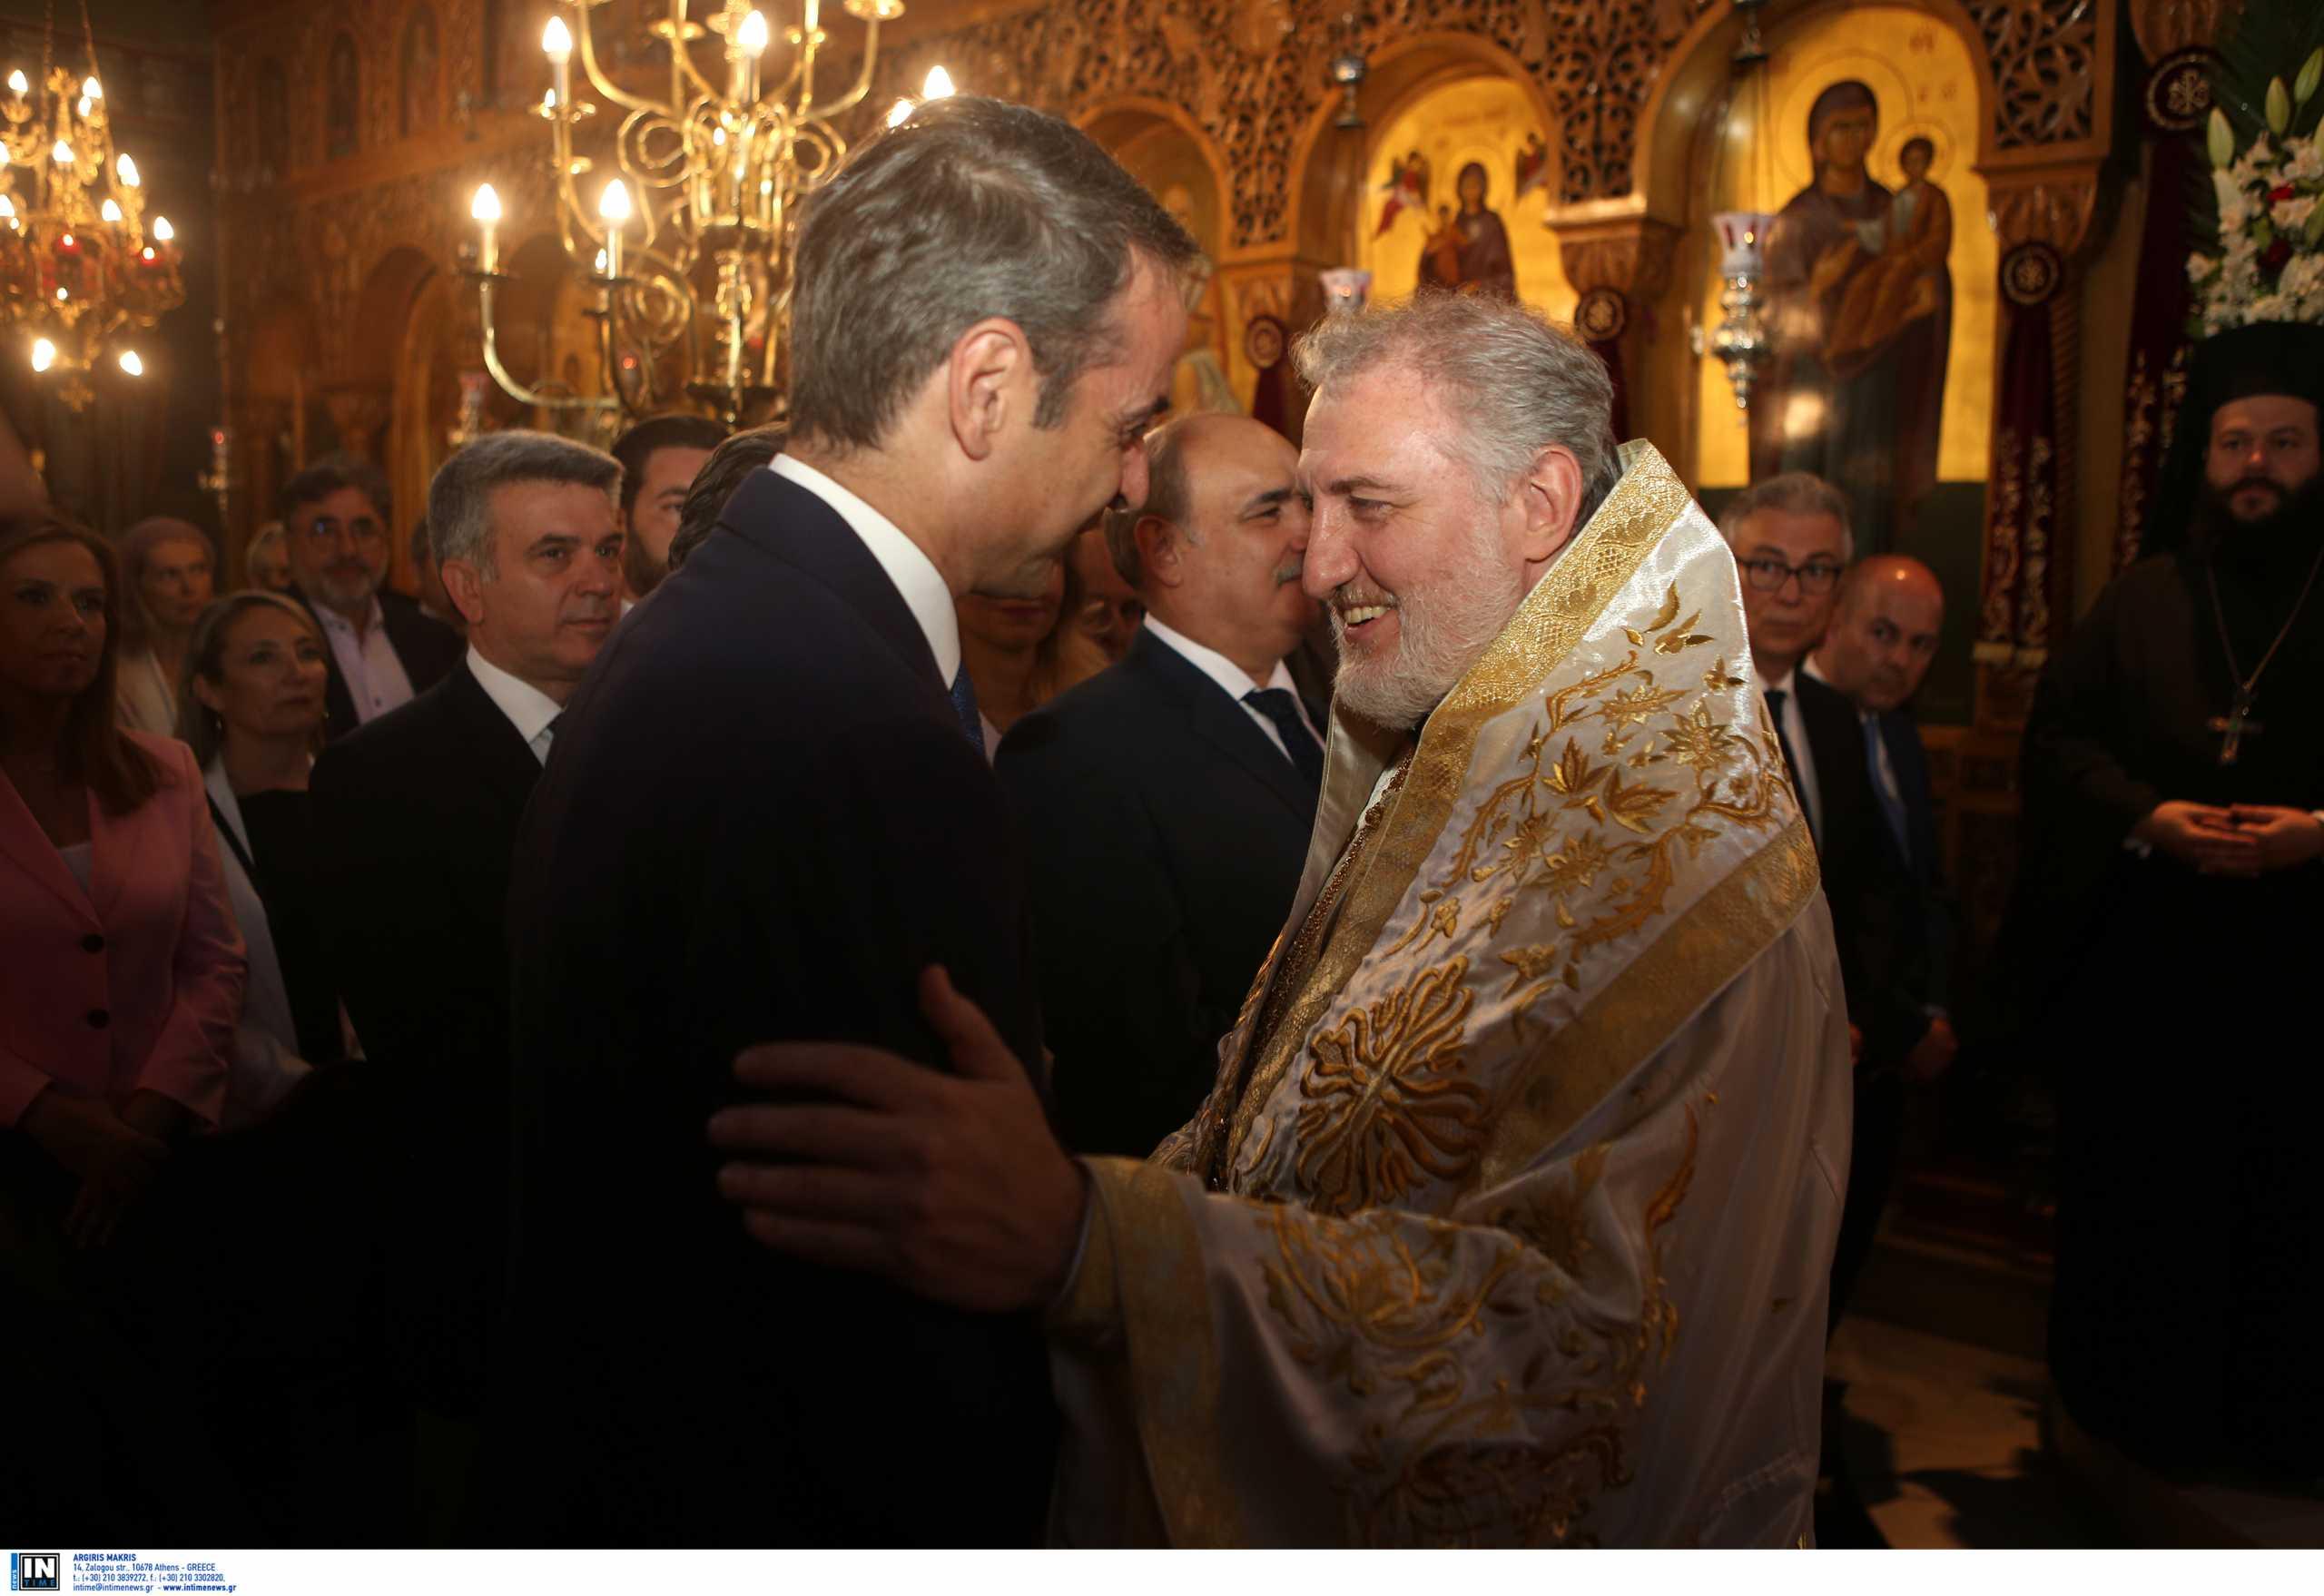 Κυριάκος Μητσοτάκης: Ακυρώθηκε η ξενάγηση από τον Αρχιεπίσκοπο Αμερικής Ελπιδοφόρο στο Ground Zero